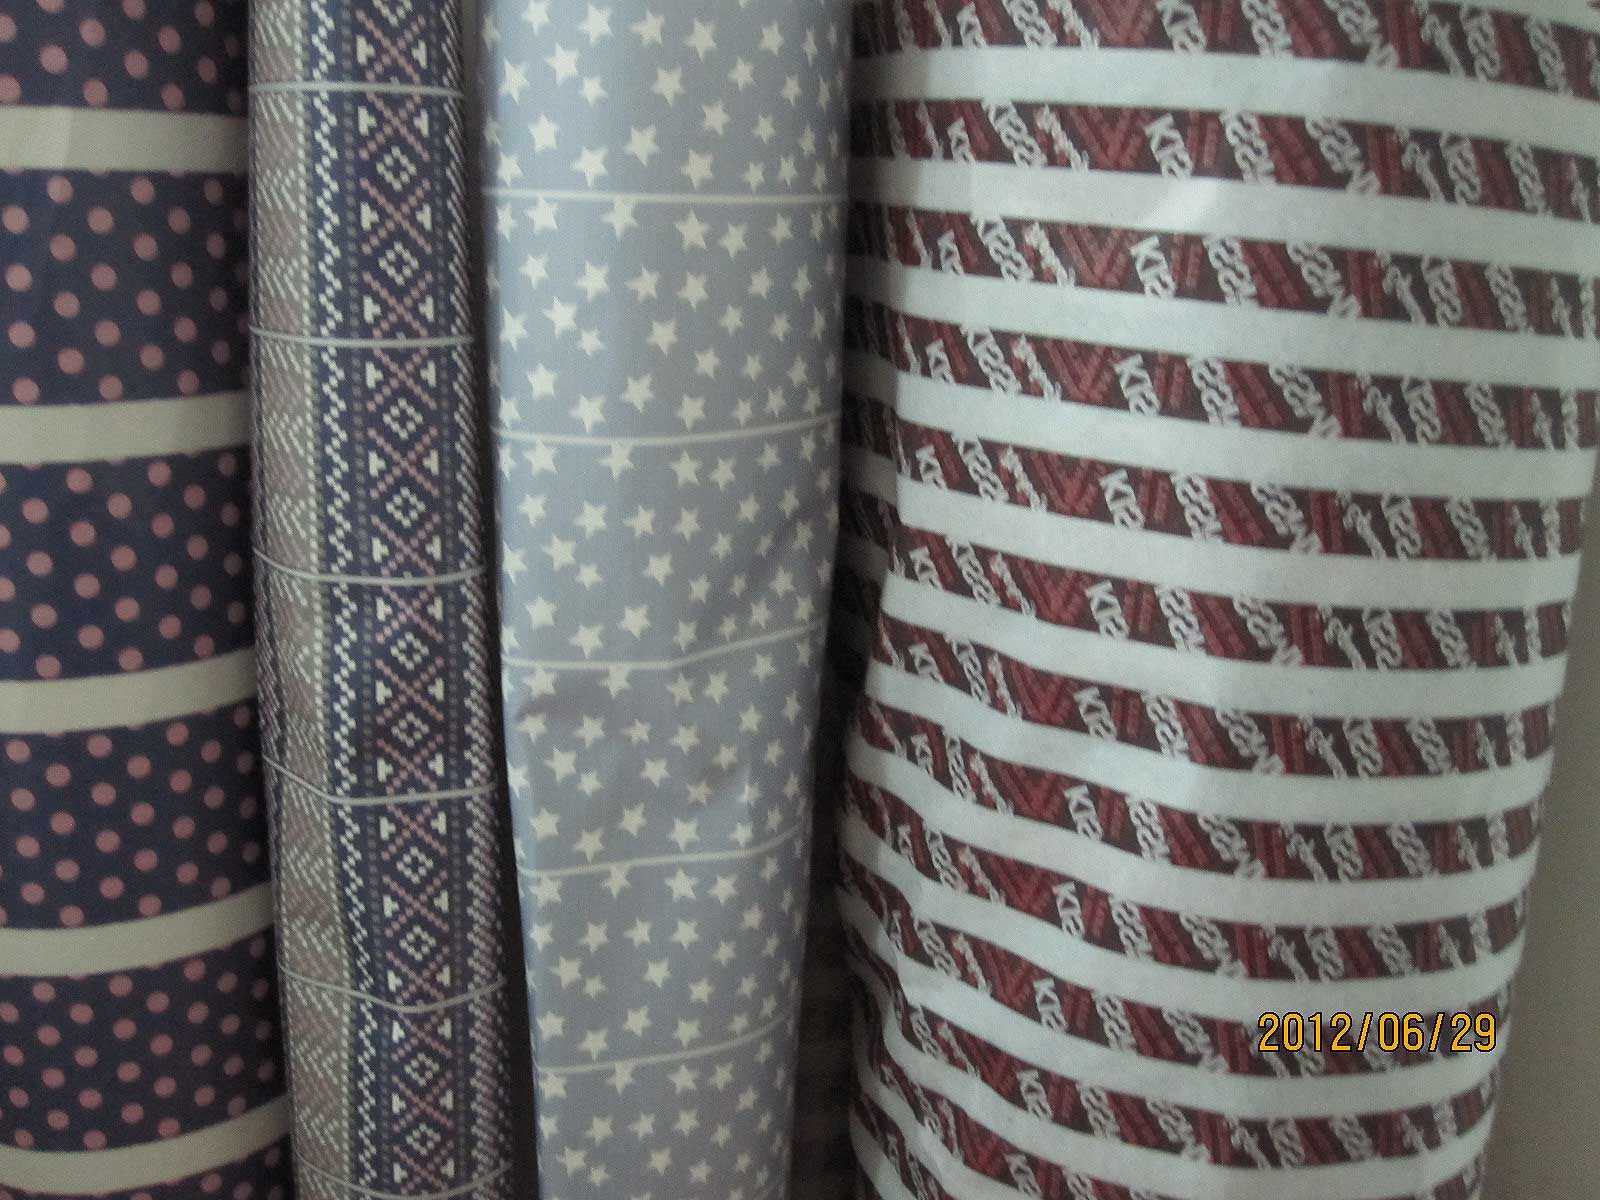 转印纸 ?#21450;?#21360;花纸 织带转印纸 时装转印纸 地毯转印纸